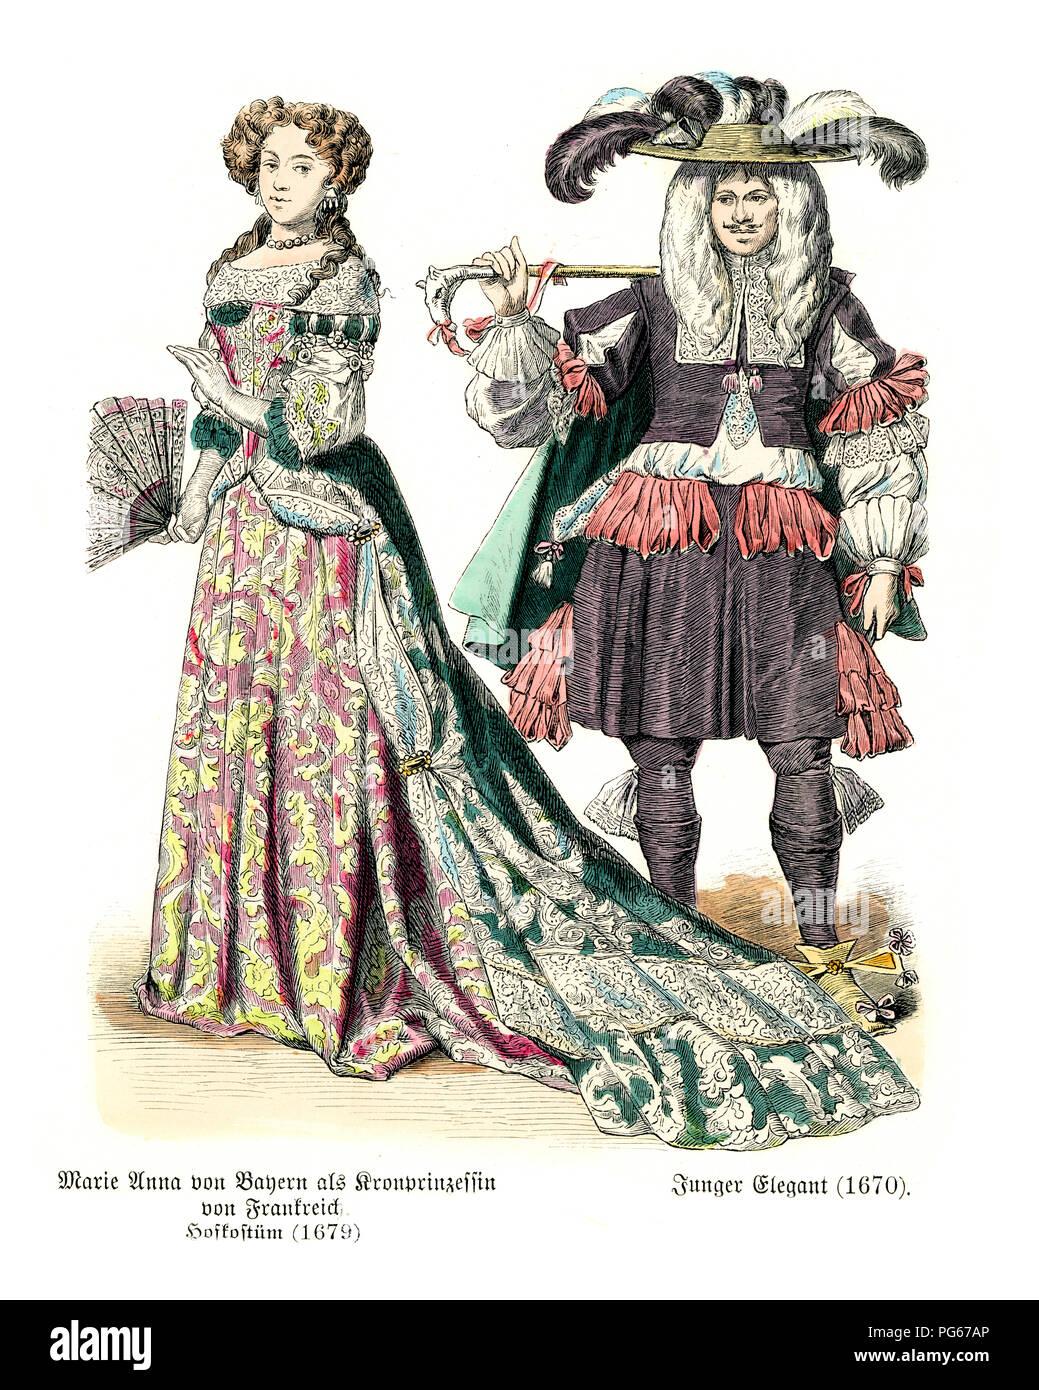 17 Jahrhundert Bild Architektur: Die Mode Des 17. Jahrhunderts In Frankreich, Marie Anna